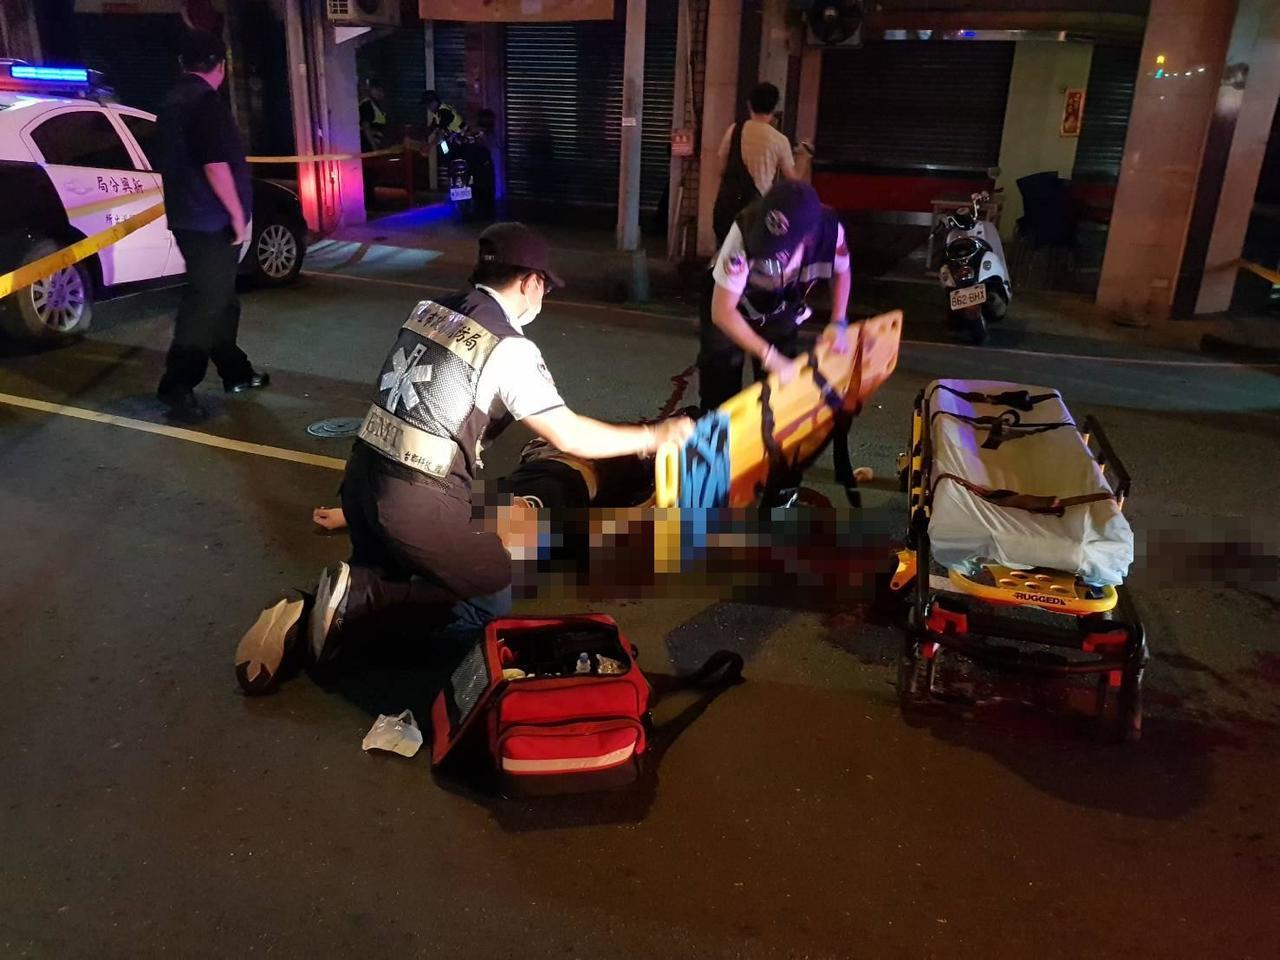 陳姓居民遇刺倒地,滿地是血,救護人員正搶救他。記者林保光/翻攝